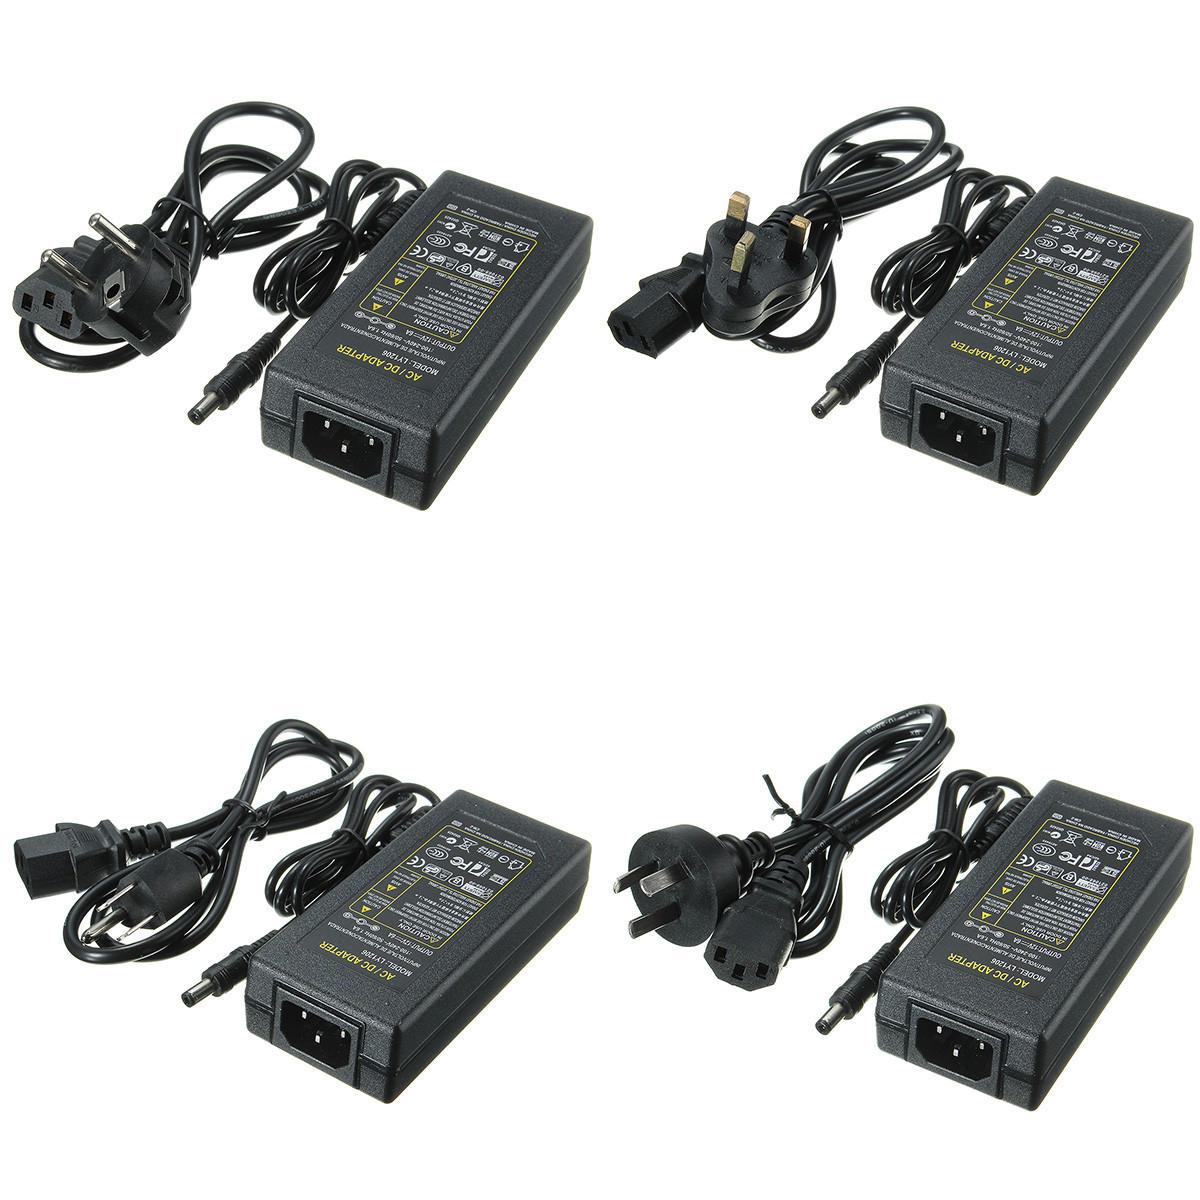 AC100-240V To DC12V 6A 72W Power